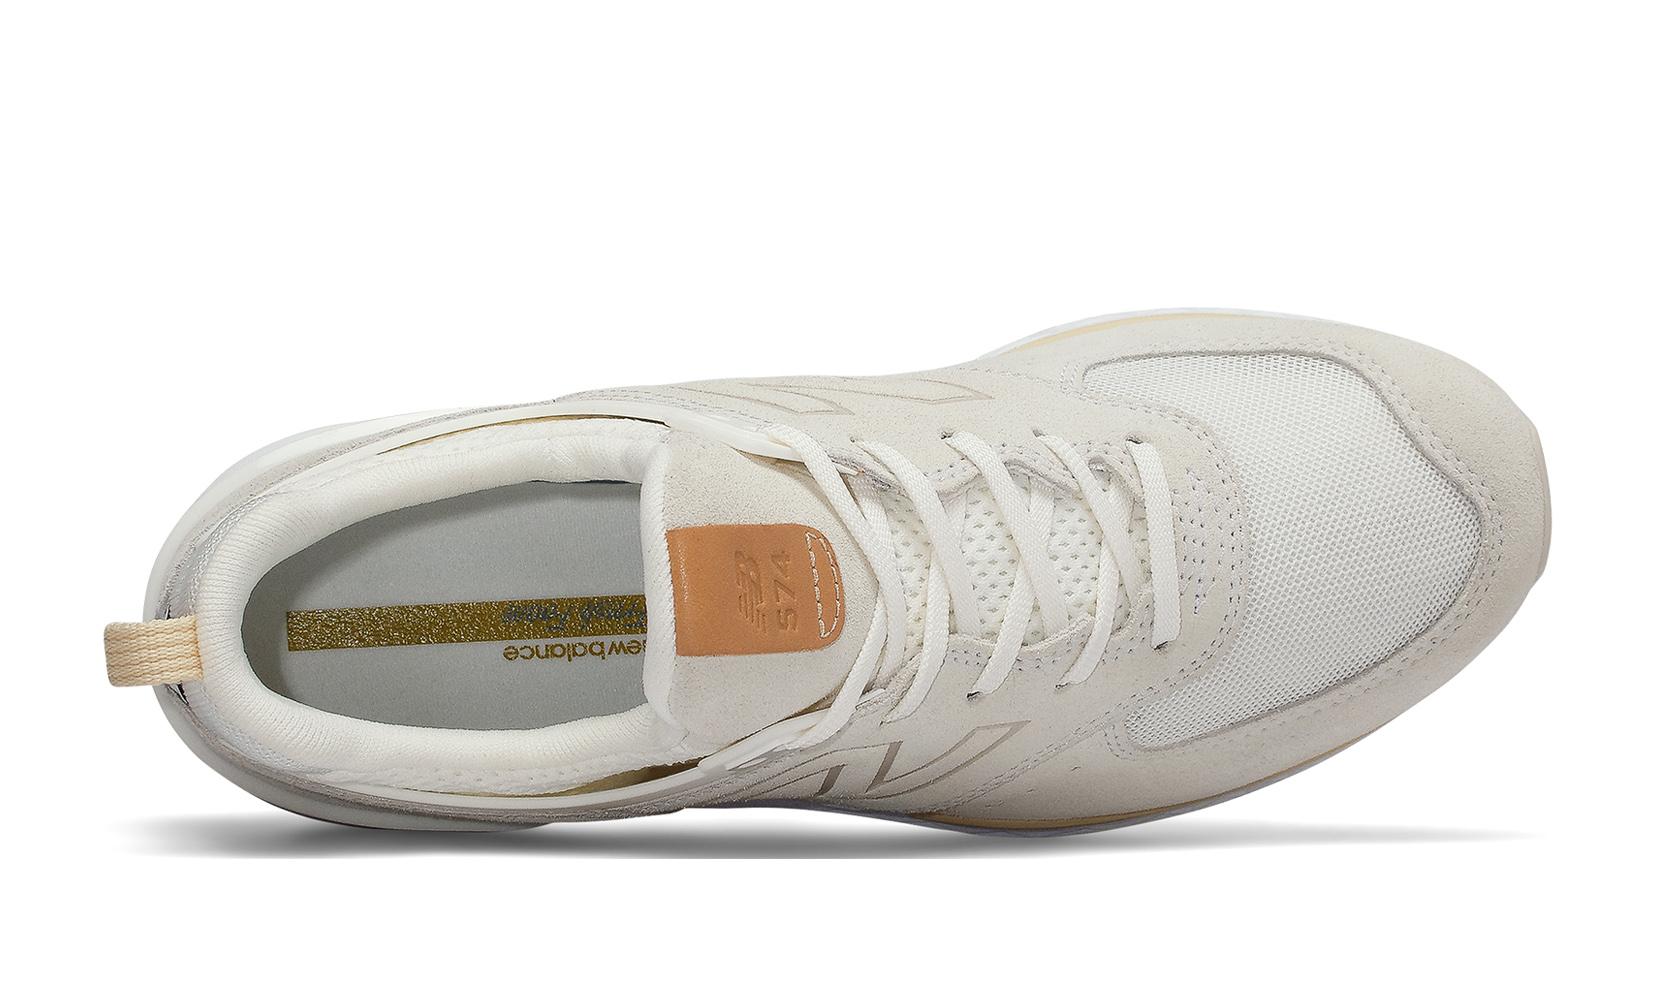 Жіноче взуття повсякденне New Balance 574dv1 WS574PMA | New Balance